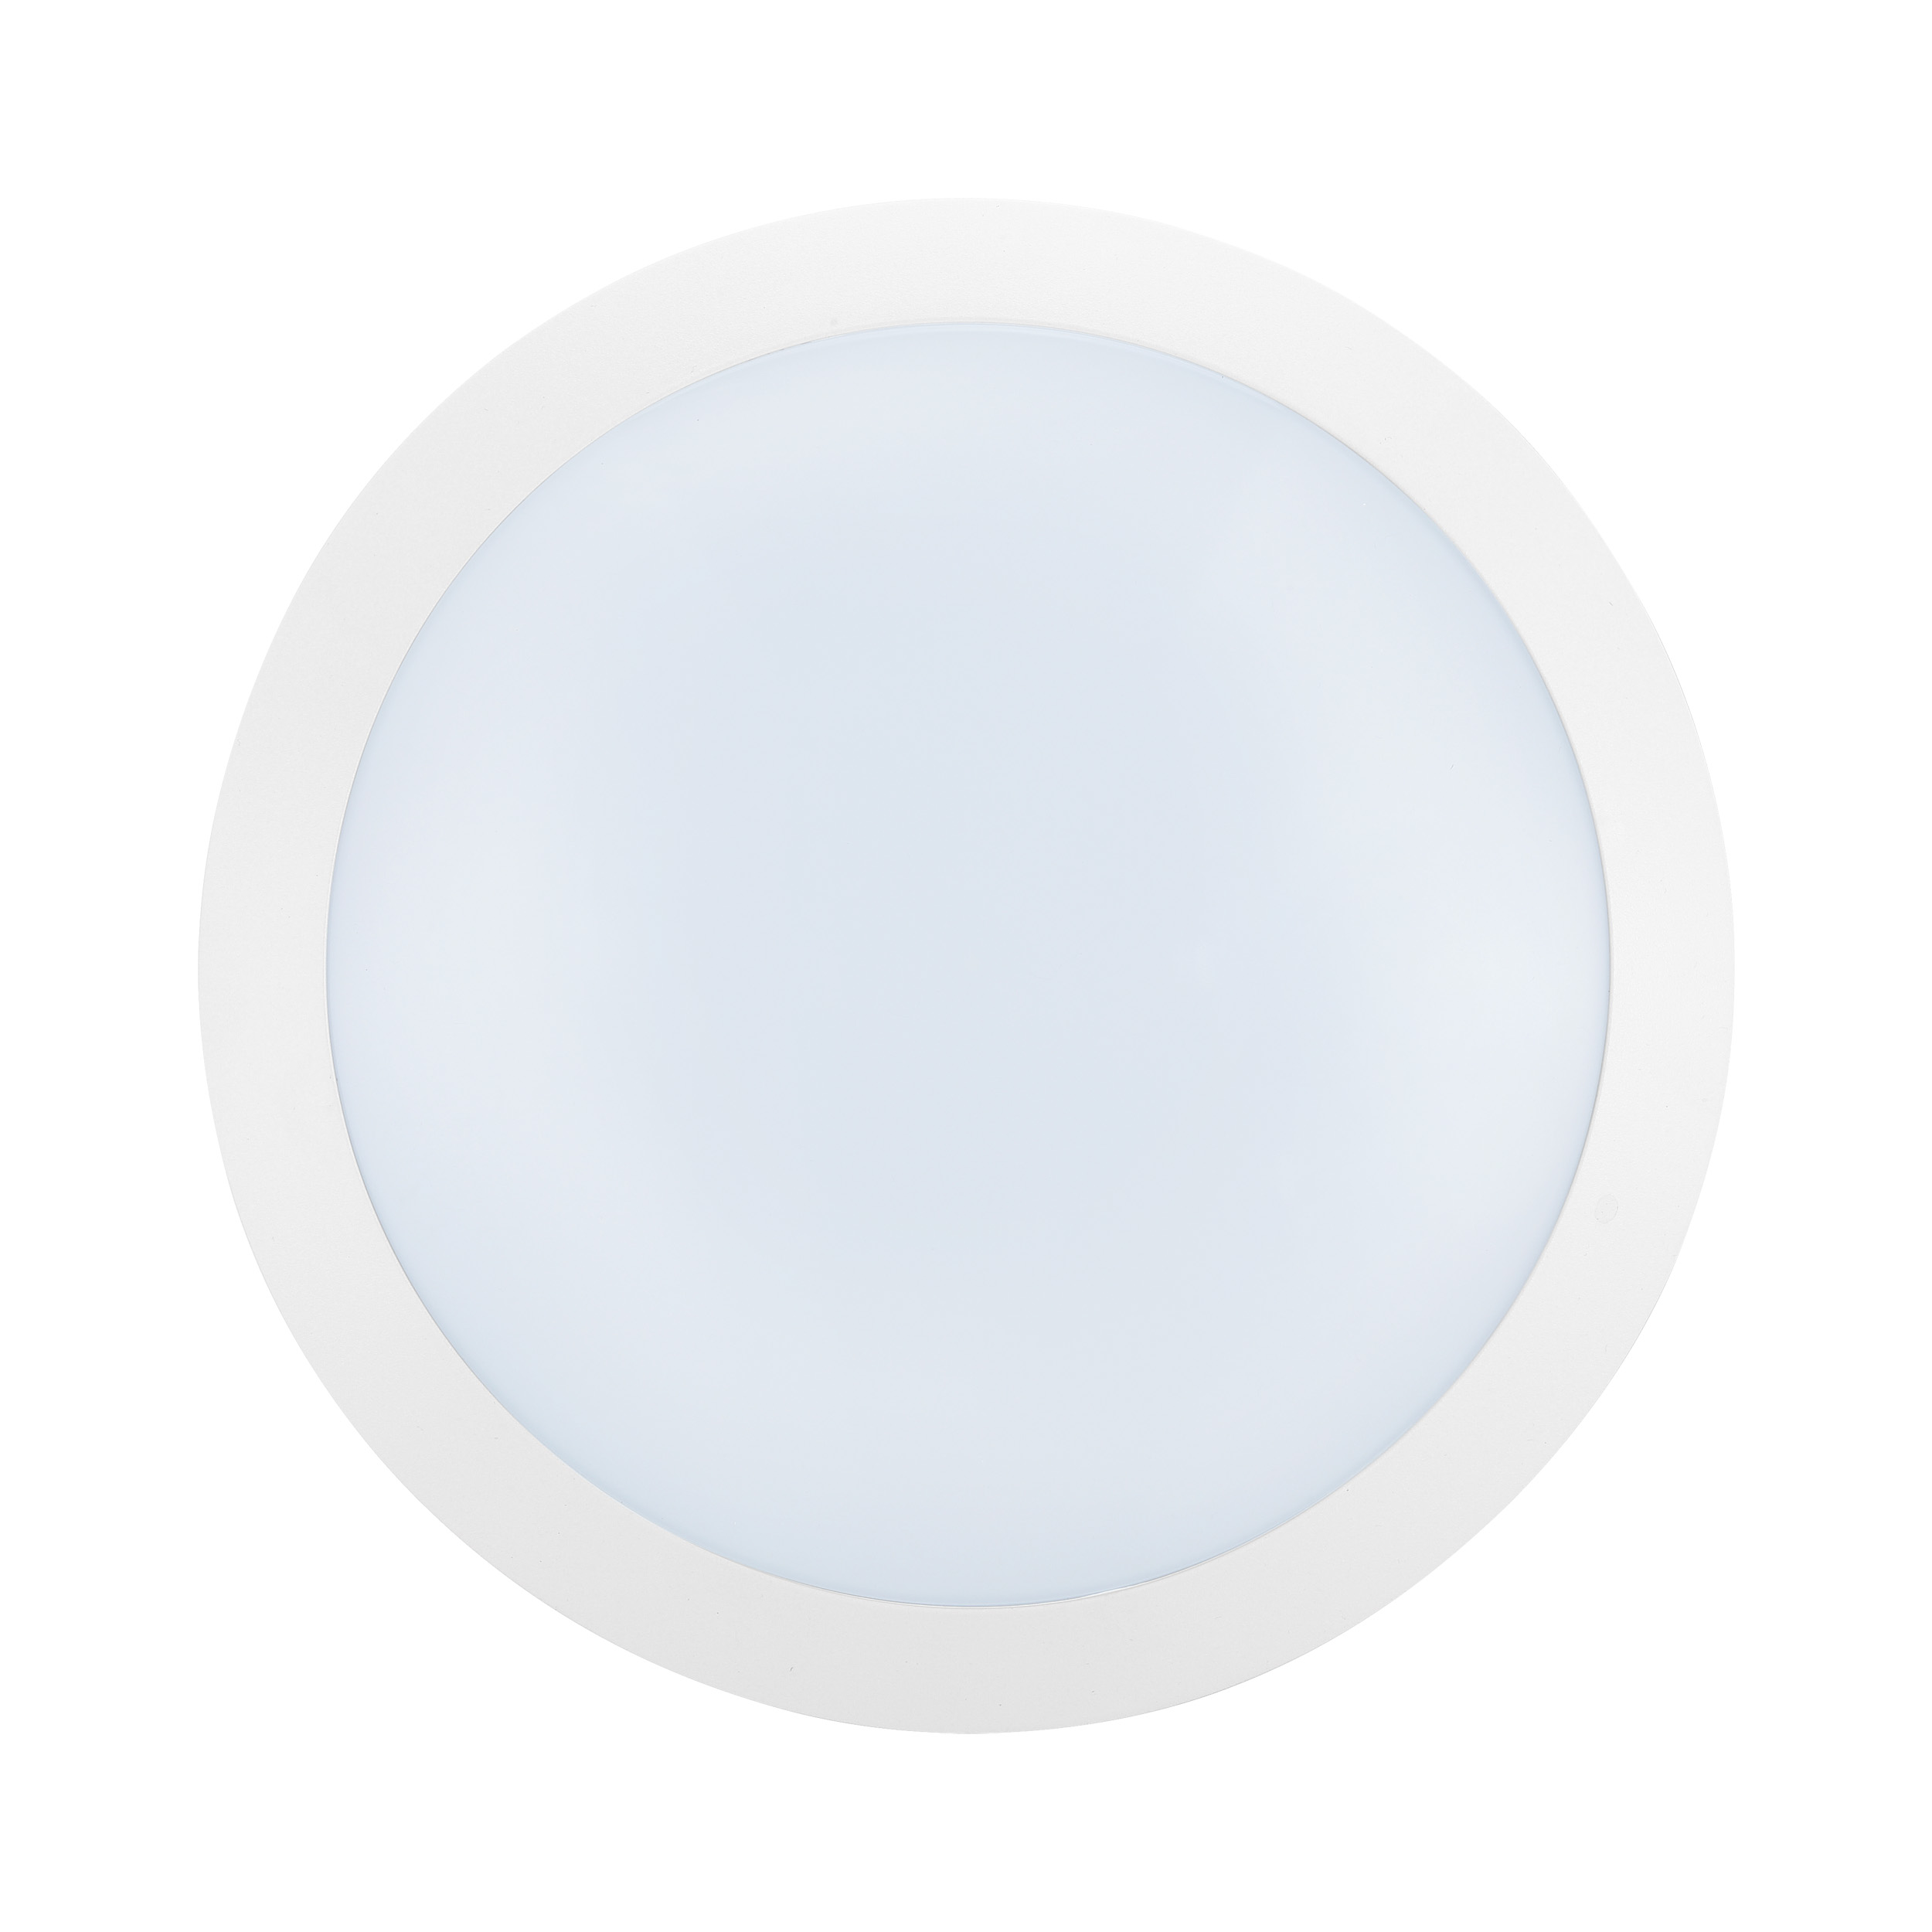 1 Stk Bellaria Wandaufbauleuchte rund 12W 4000K weiß IP66 LI62222---